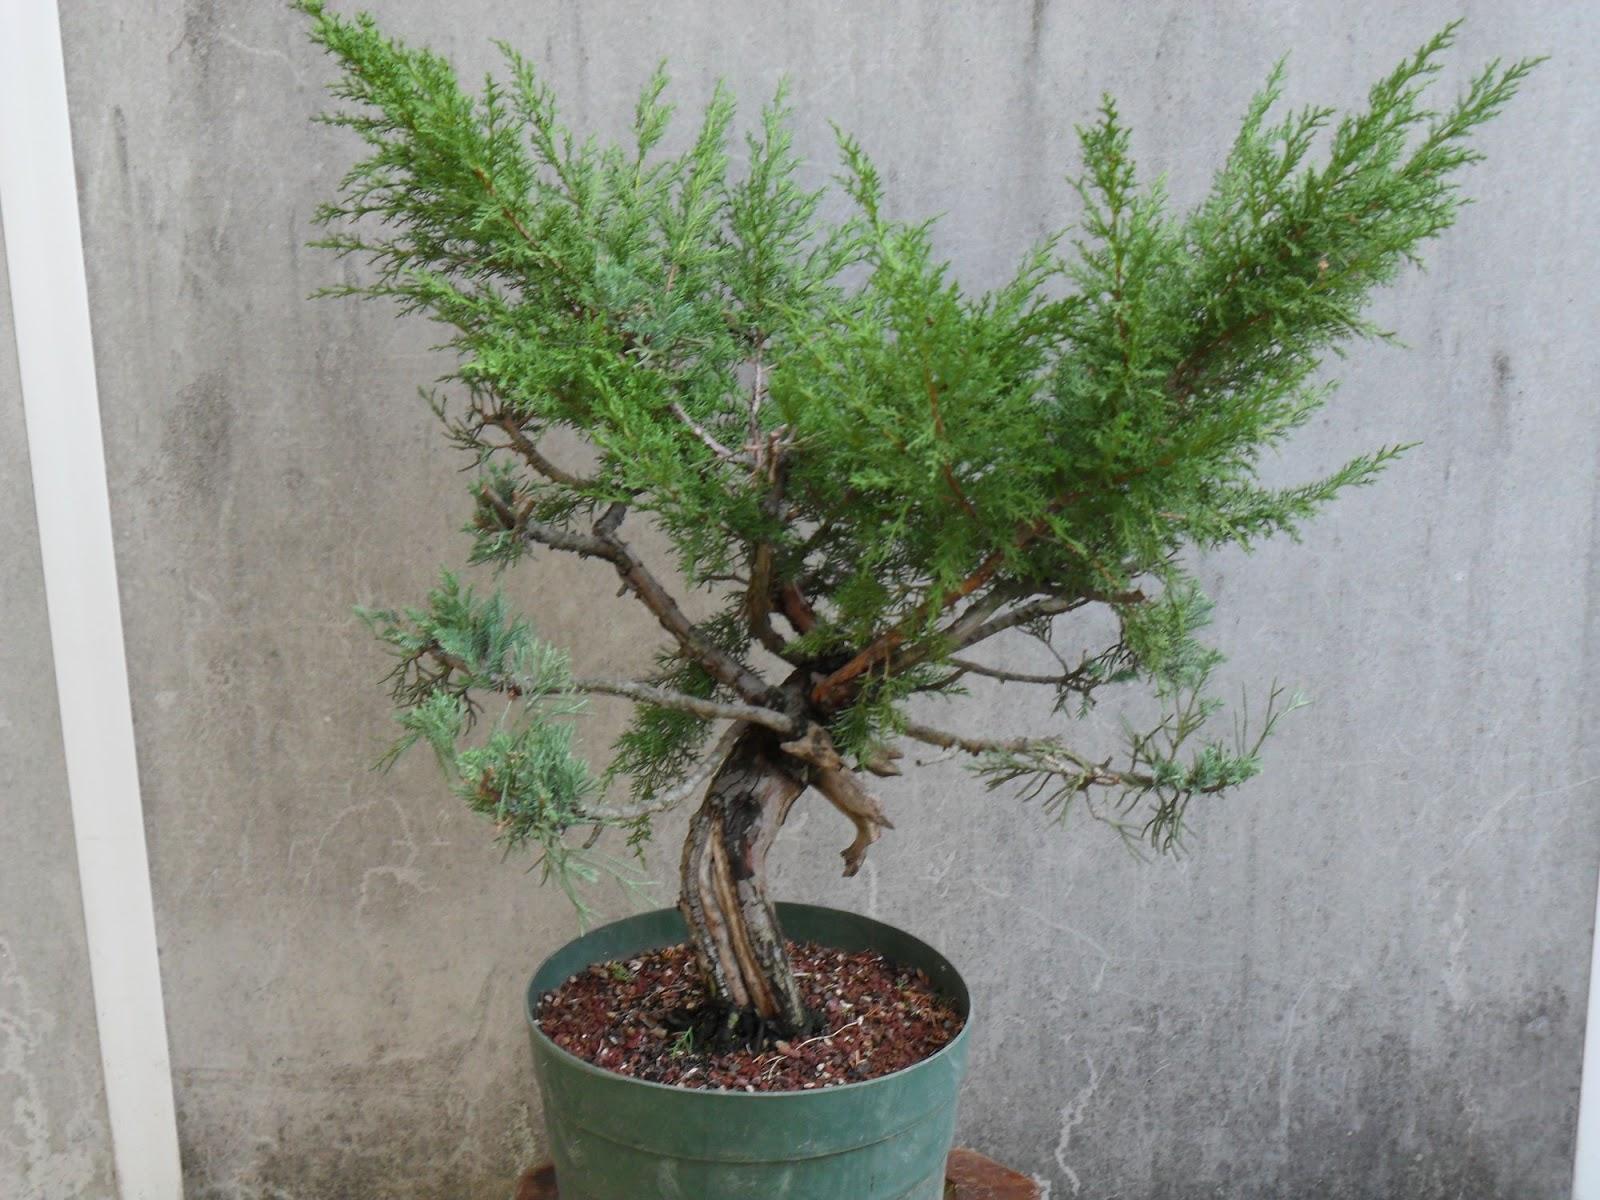 Associazione dlf bonsai legnago ottobre 2012 for Acquisto piante ulivo